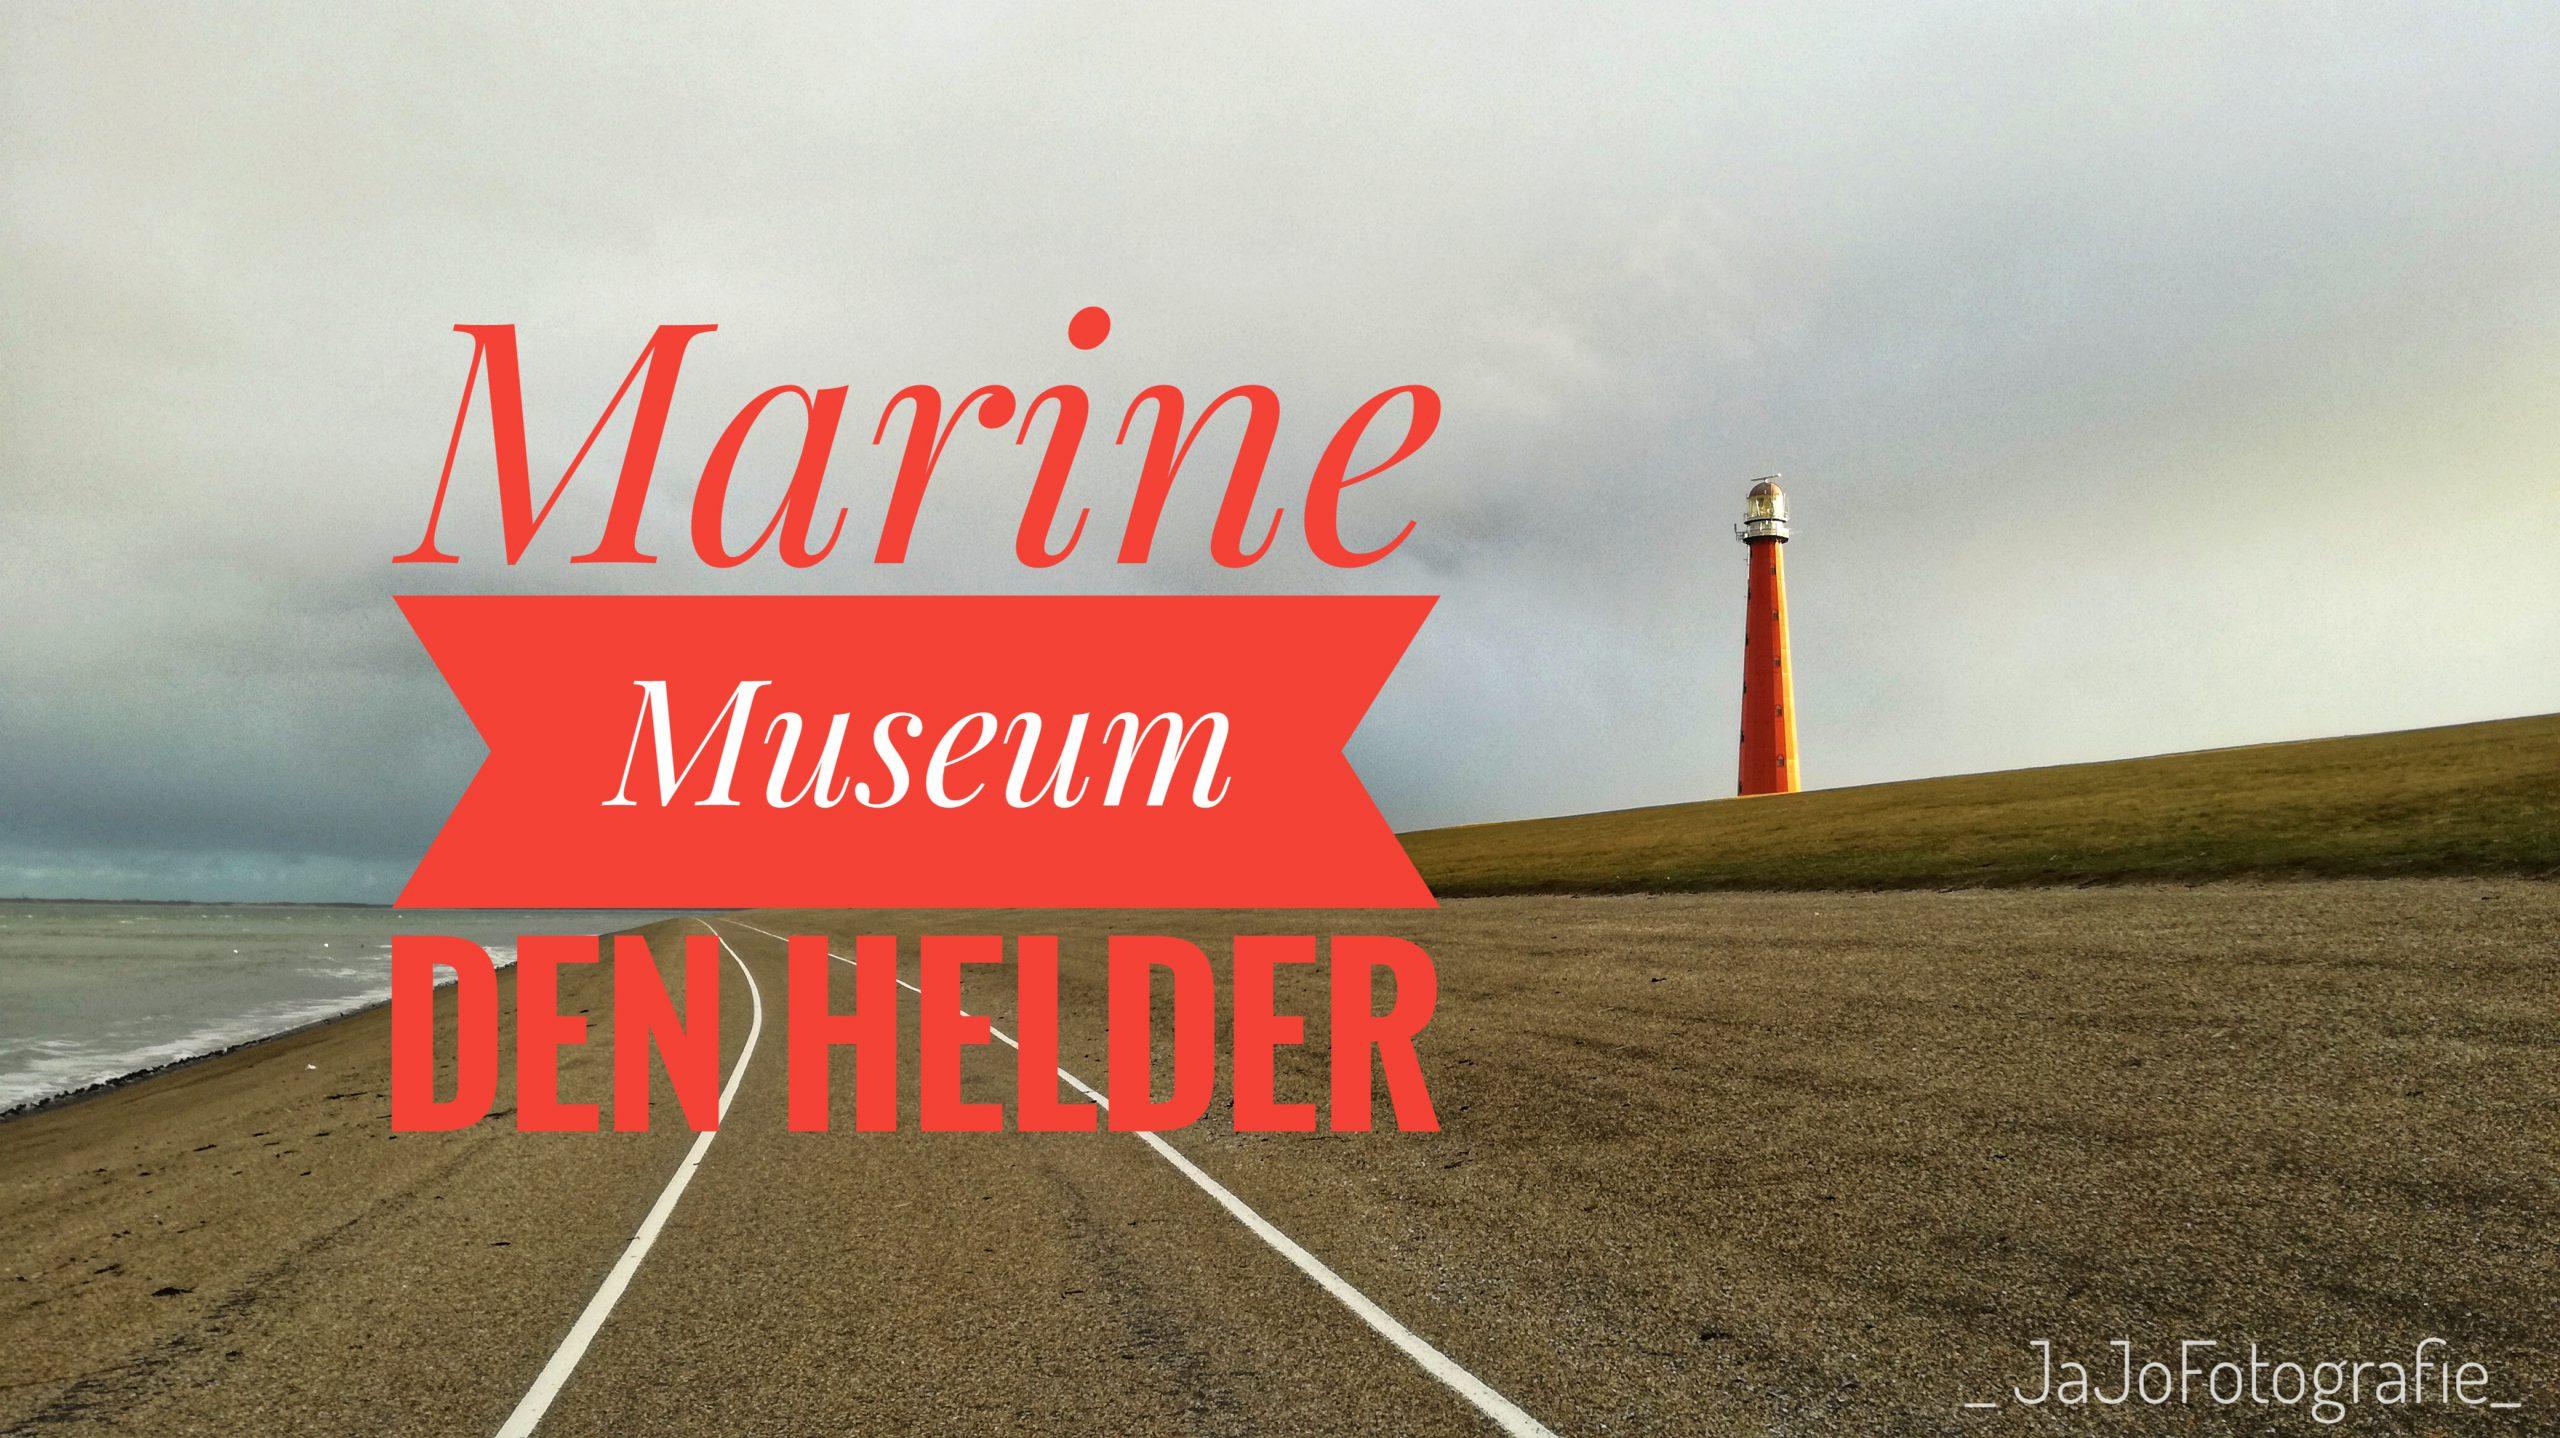 Marine museum – Den Helder